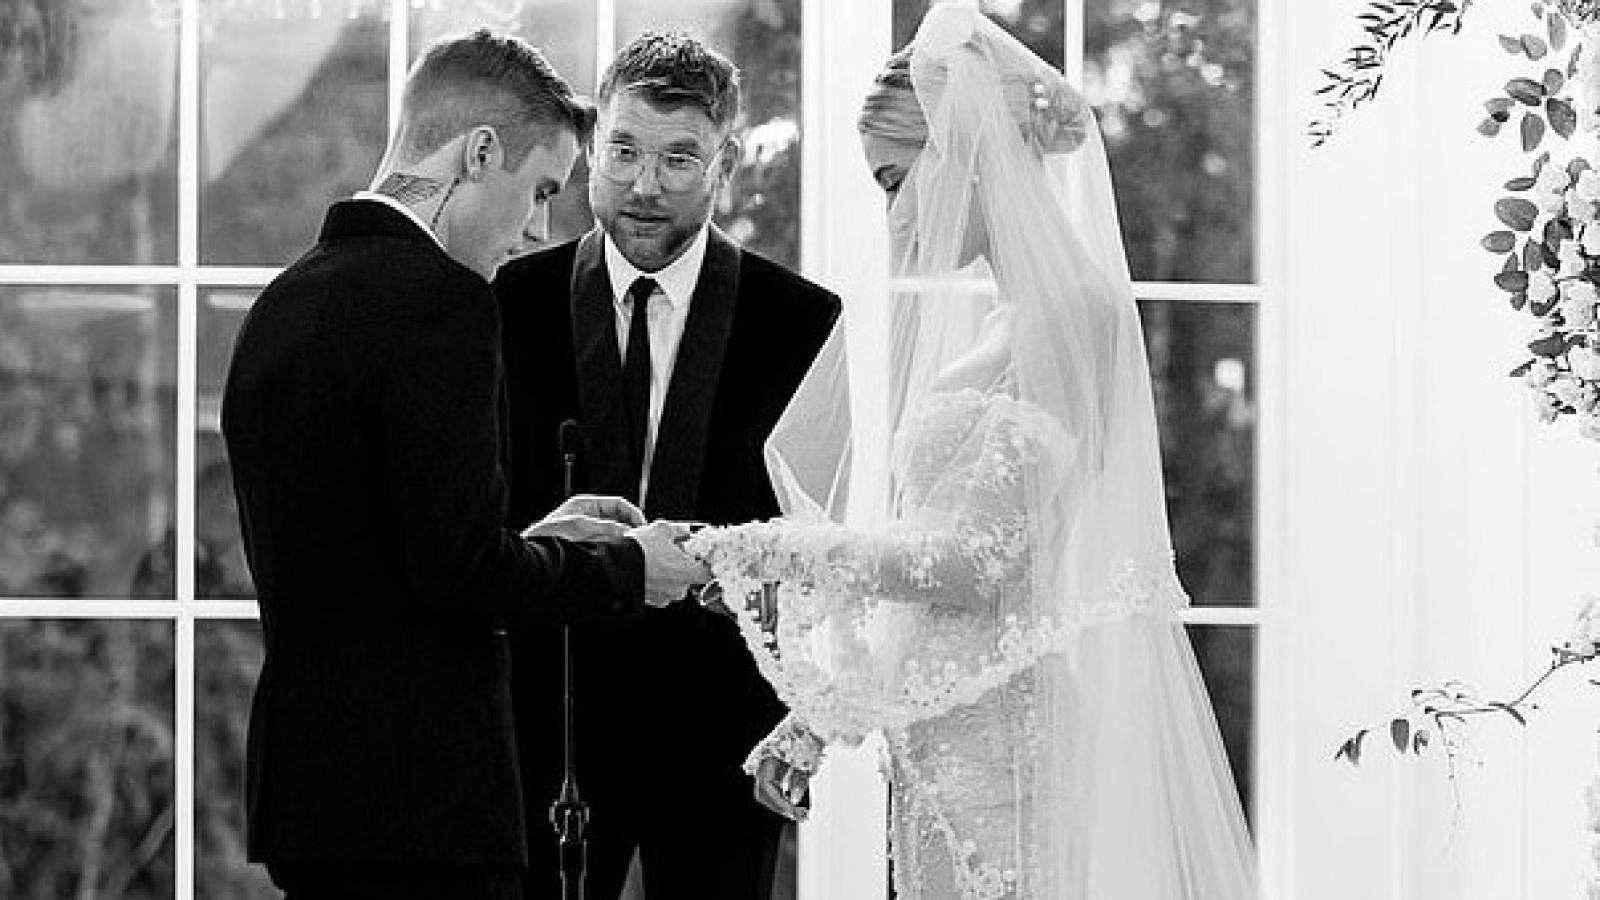 Justin Bieber và vợ khoe ảnh ngọt ngào kỷ niệm 1 năm ngày cưới